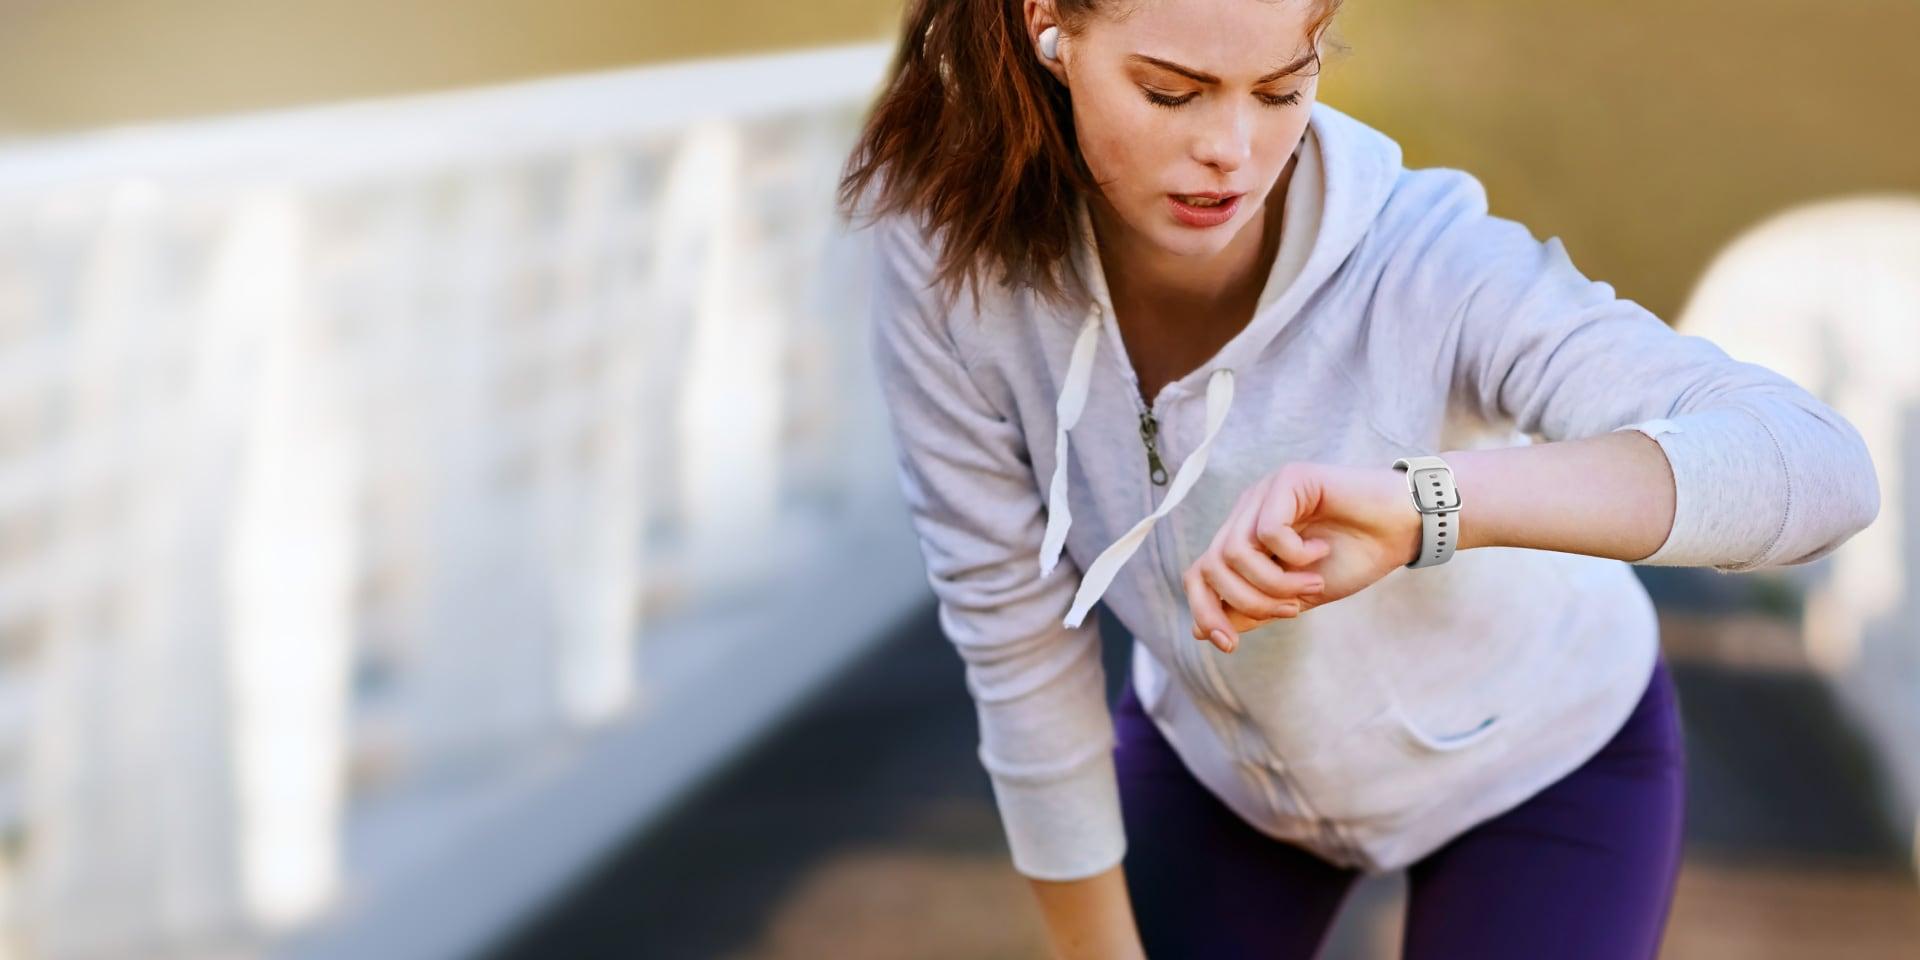 Ne le spremljanje srčnega utripa - temveč tudi krvnega tlaka. / Samsung Galaxy Gear Active